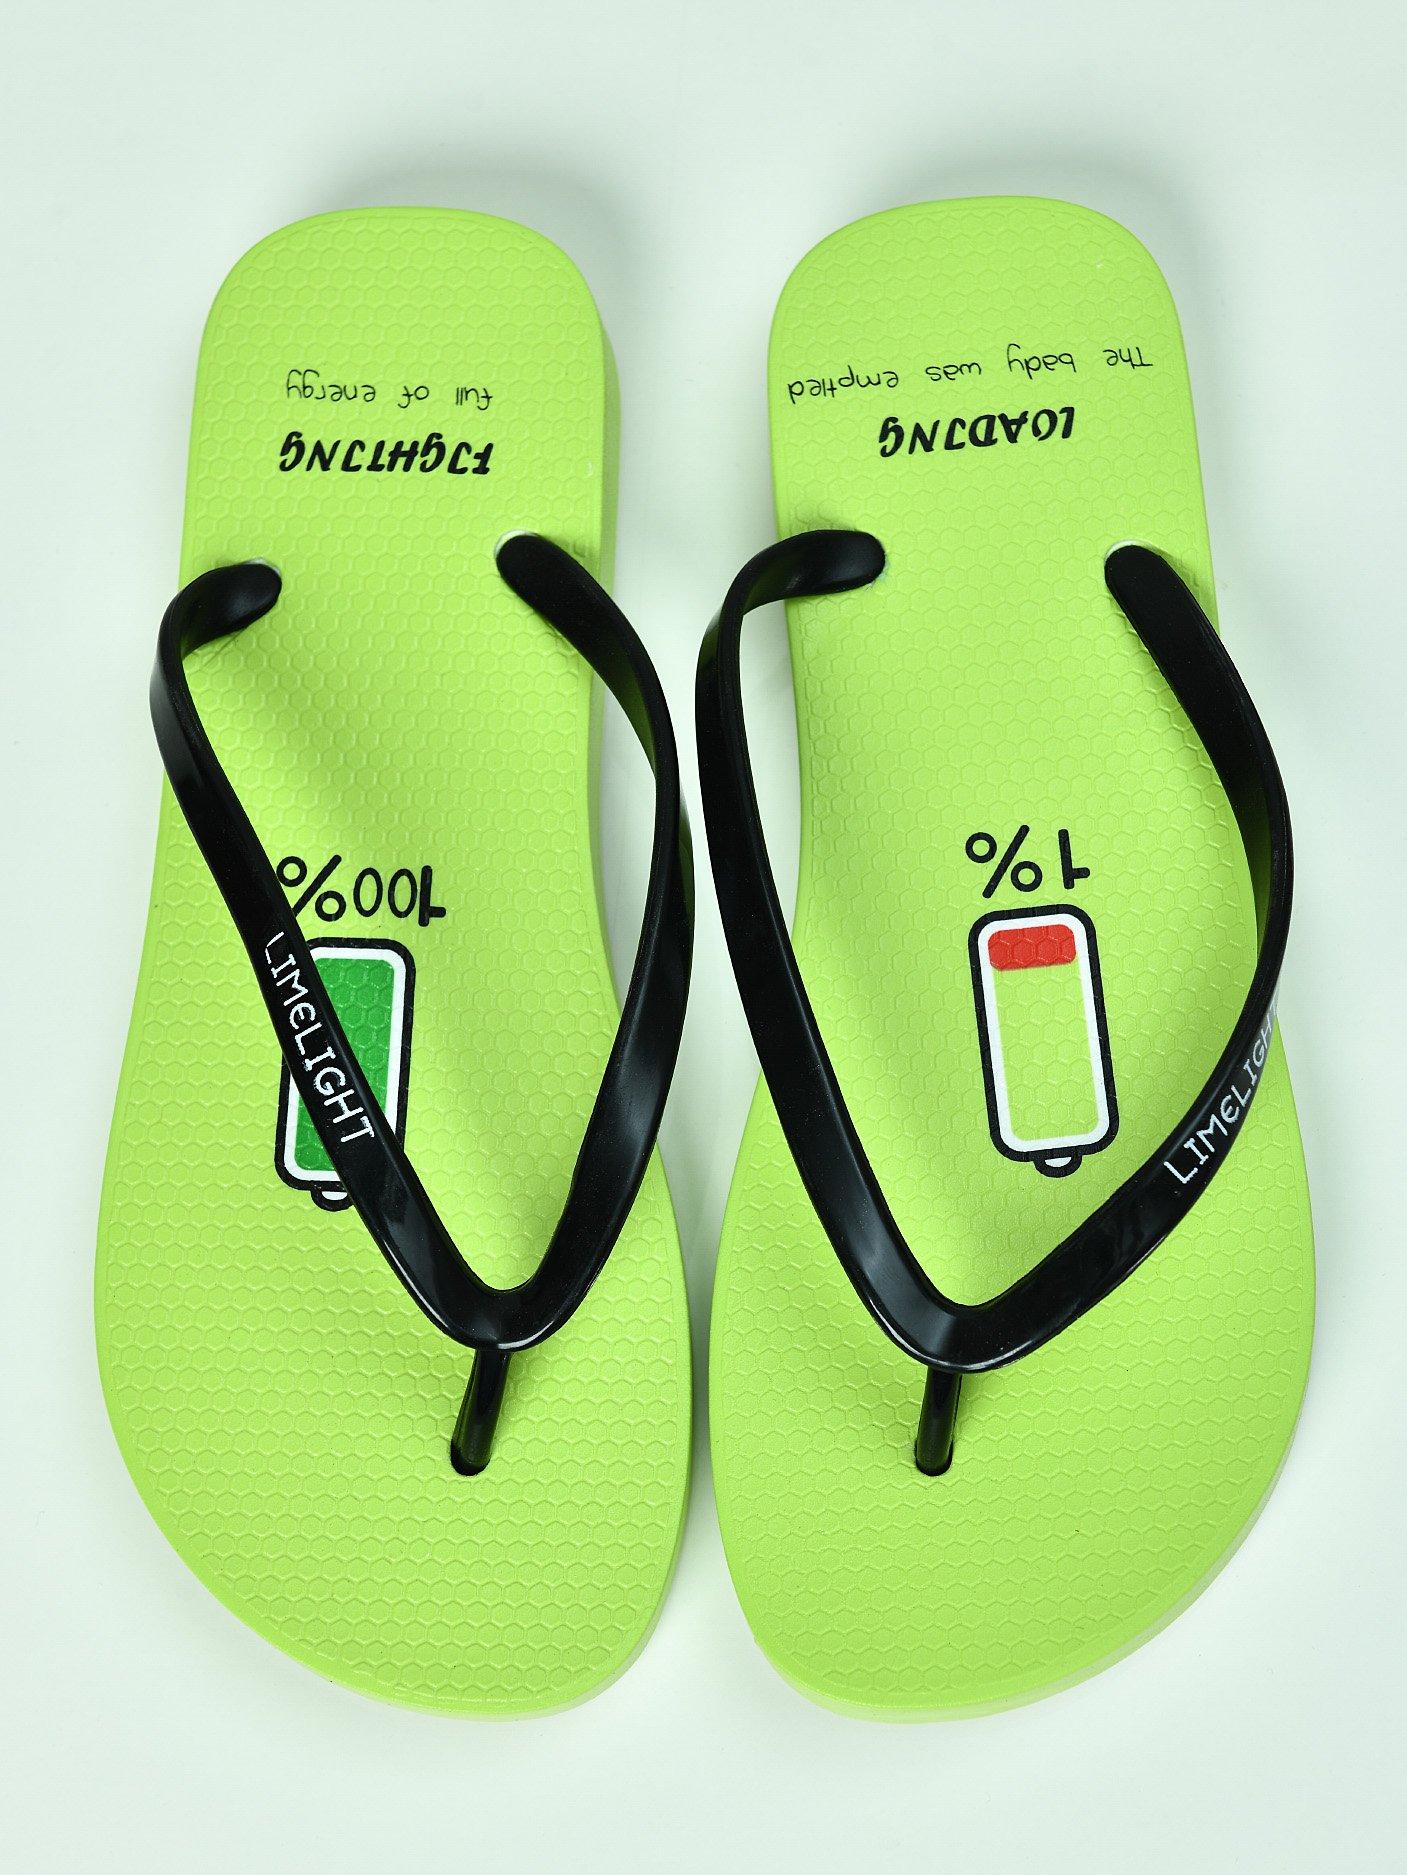 LimeLight Shoes Loading Printed Filp Flops For Women I1216FP-036-GRN